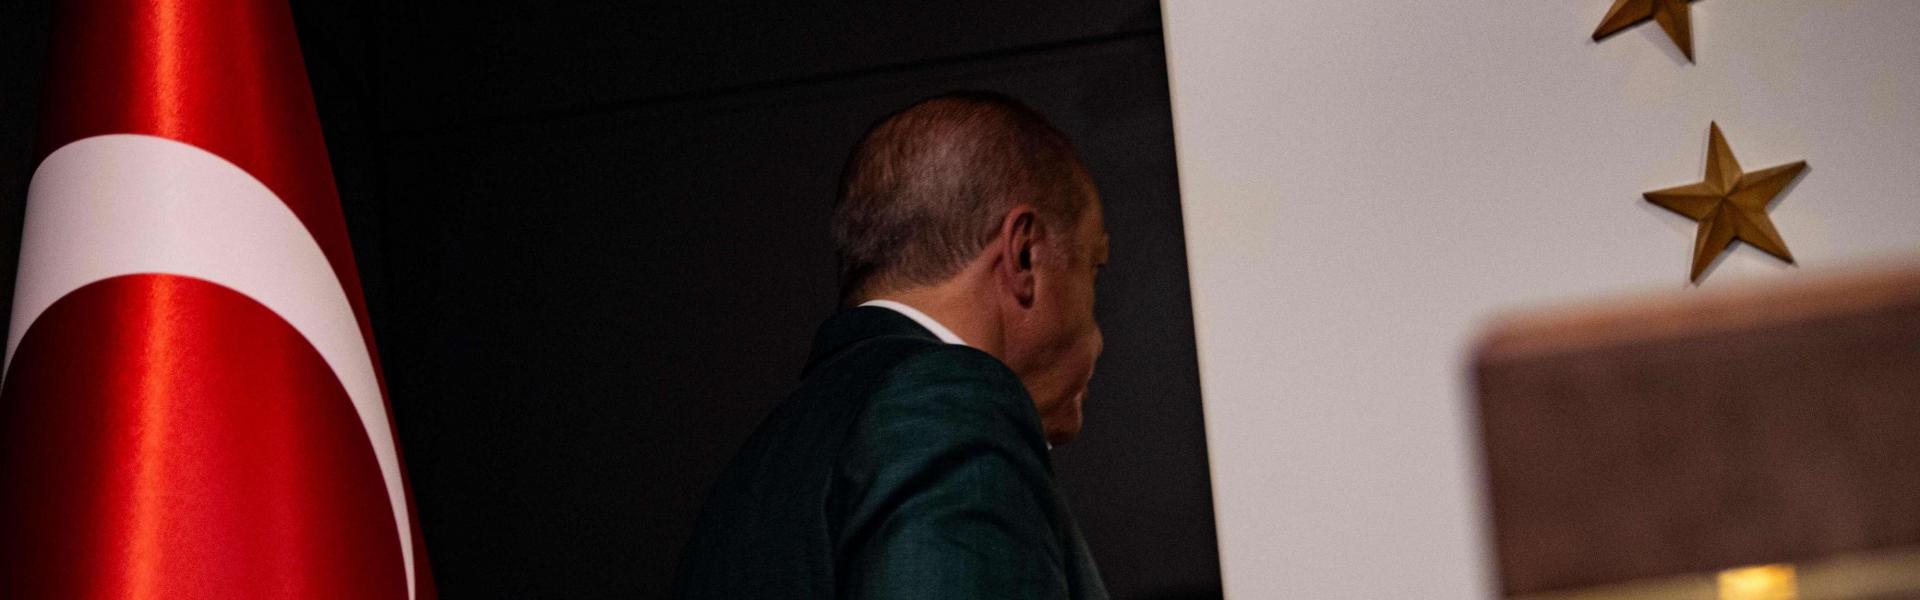 ماذا قالت الصحافة الأجنبية عن خسارة أردوغان لانتخابات إسطنبول؟